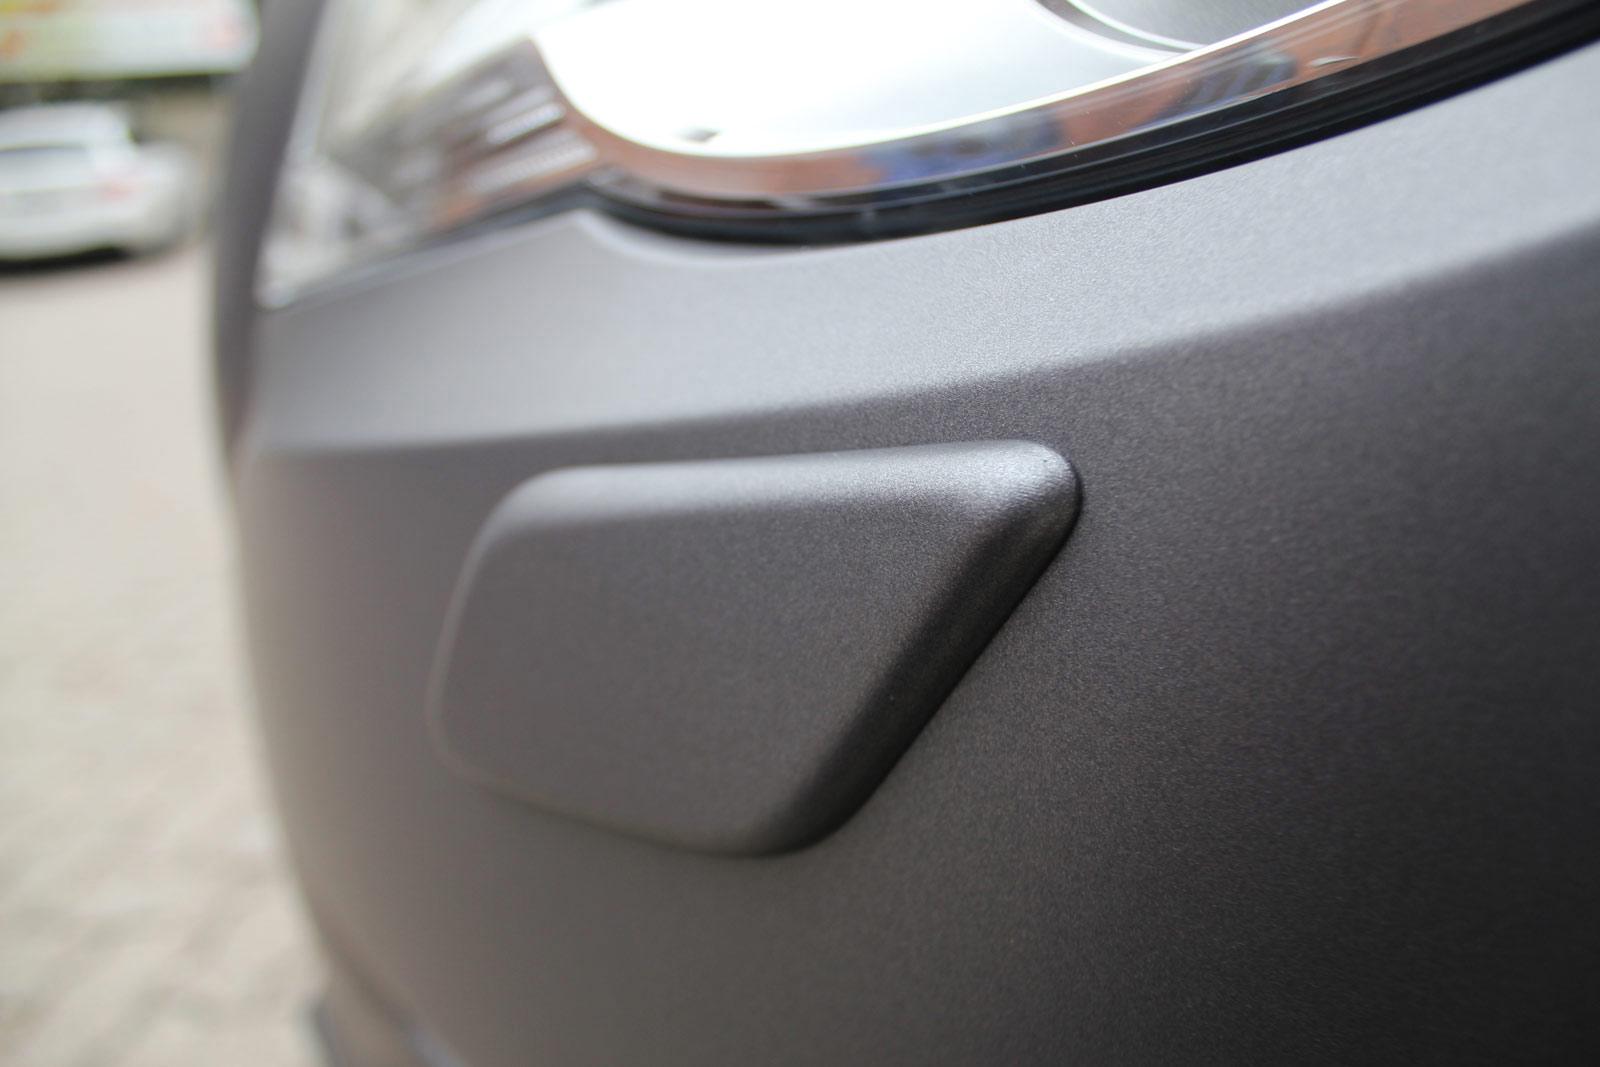 VW_Tiguan_Foliert_Anthrazit_Matt_Metallic_Carbon_Spiegel_10